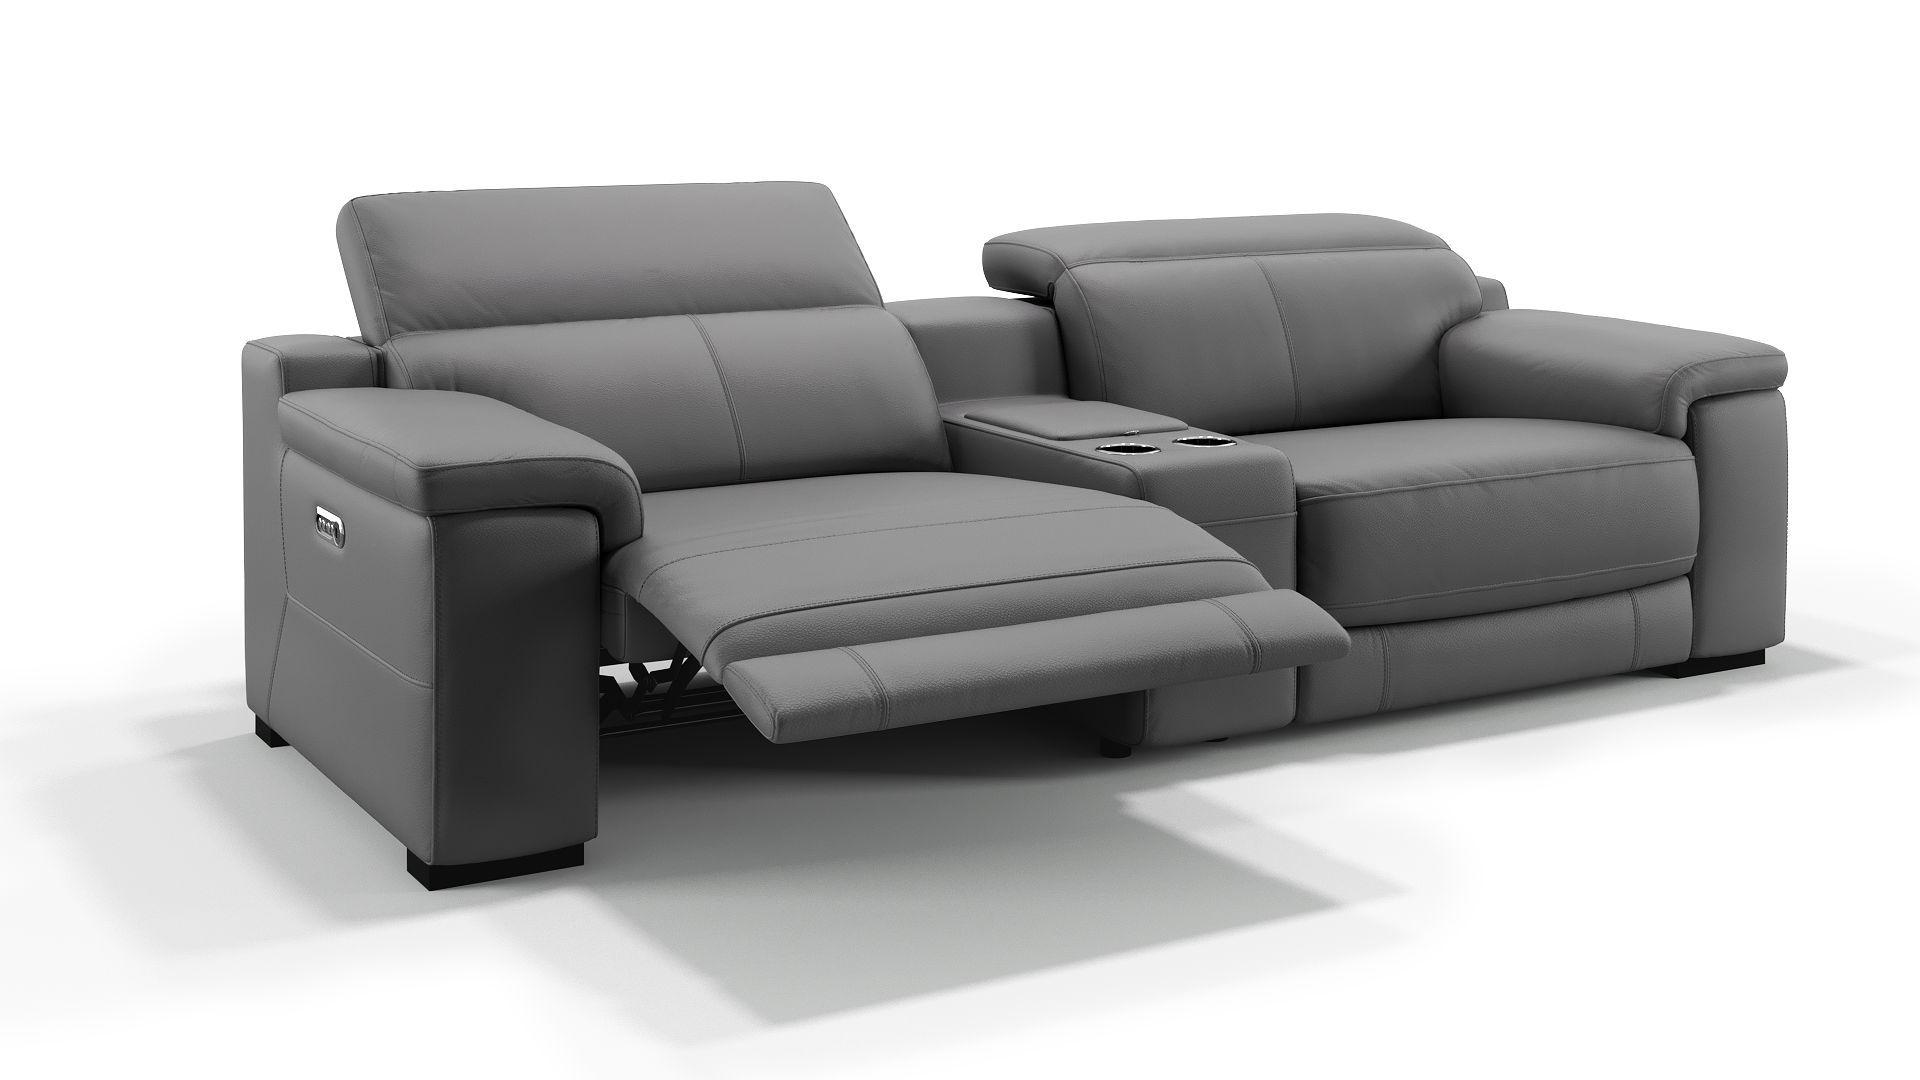 Details Elektrische Relaxfunktion Per Knopfdruck An Beiden Sitzen Elektrisch Getrennt Verstellbare Kopflehnen Sofa In 2 Gross Ledersofa Heimkino Couch Heimkino